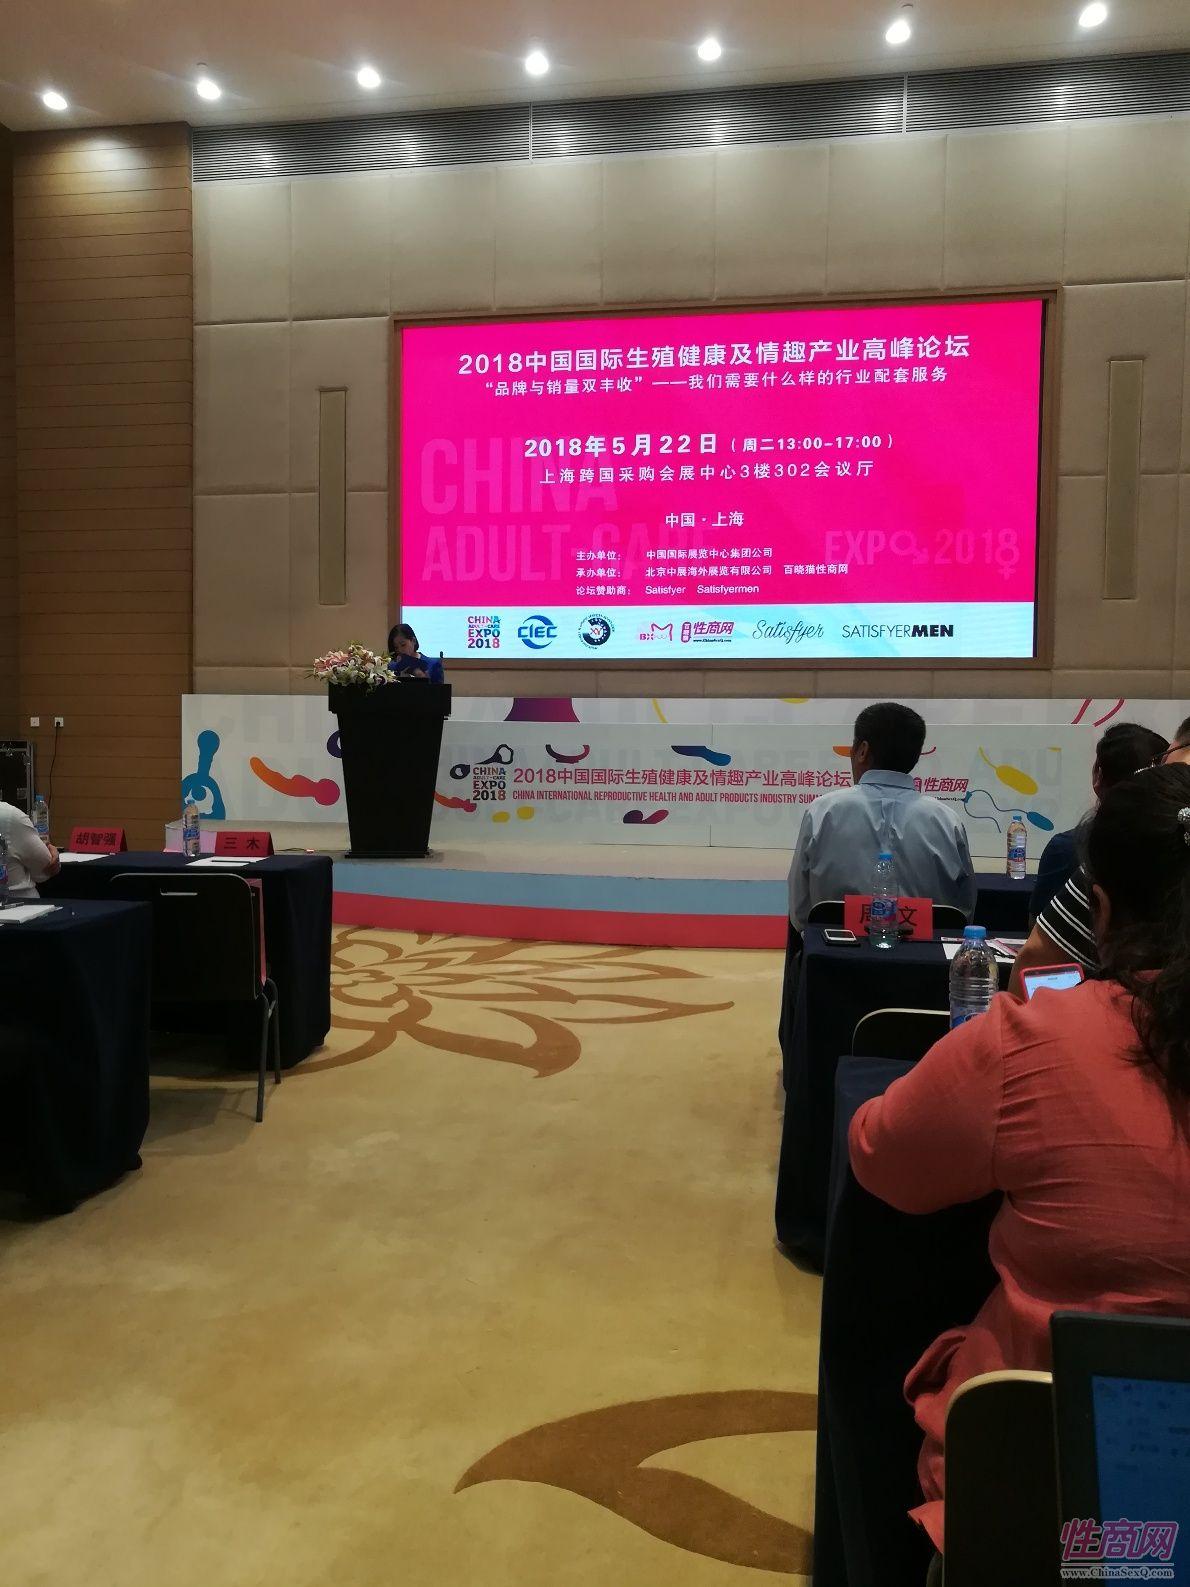 18上海成人展-高峰论坛 (40)